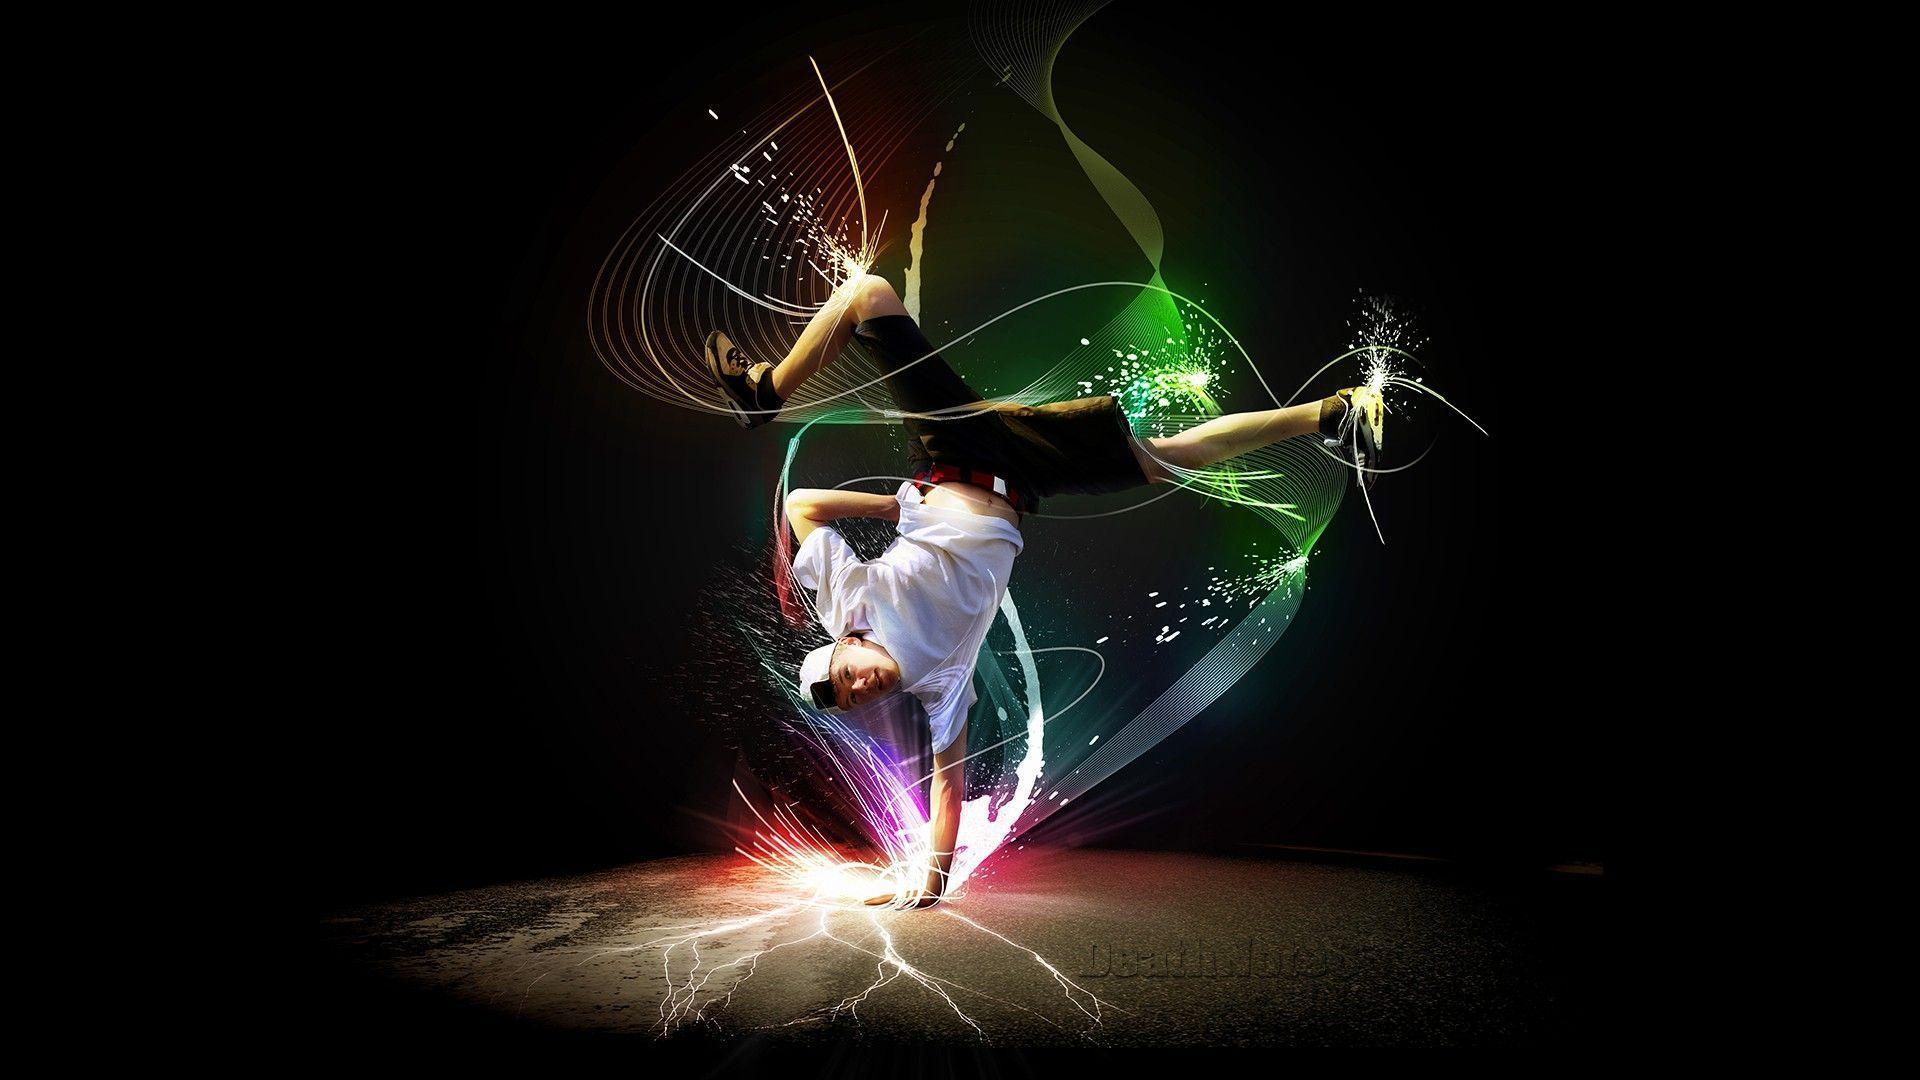 3d Dance Wallpapers For Desktop Hd 500x500 3d Dance: Breakdancing Wallpapers